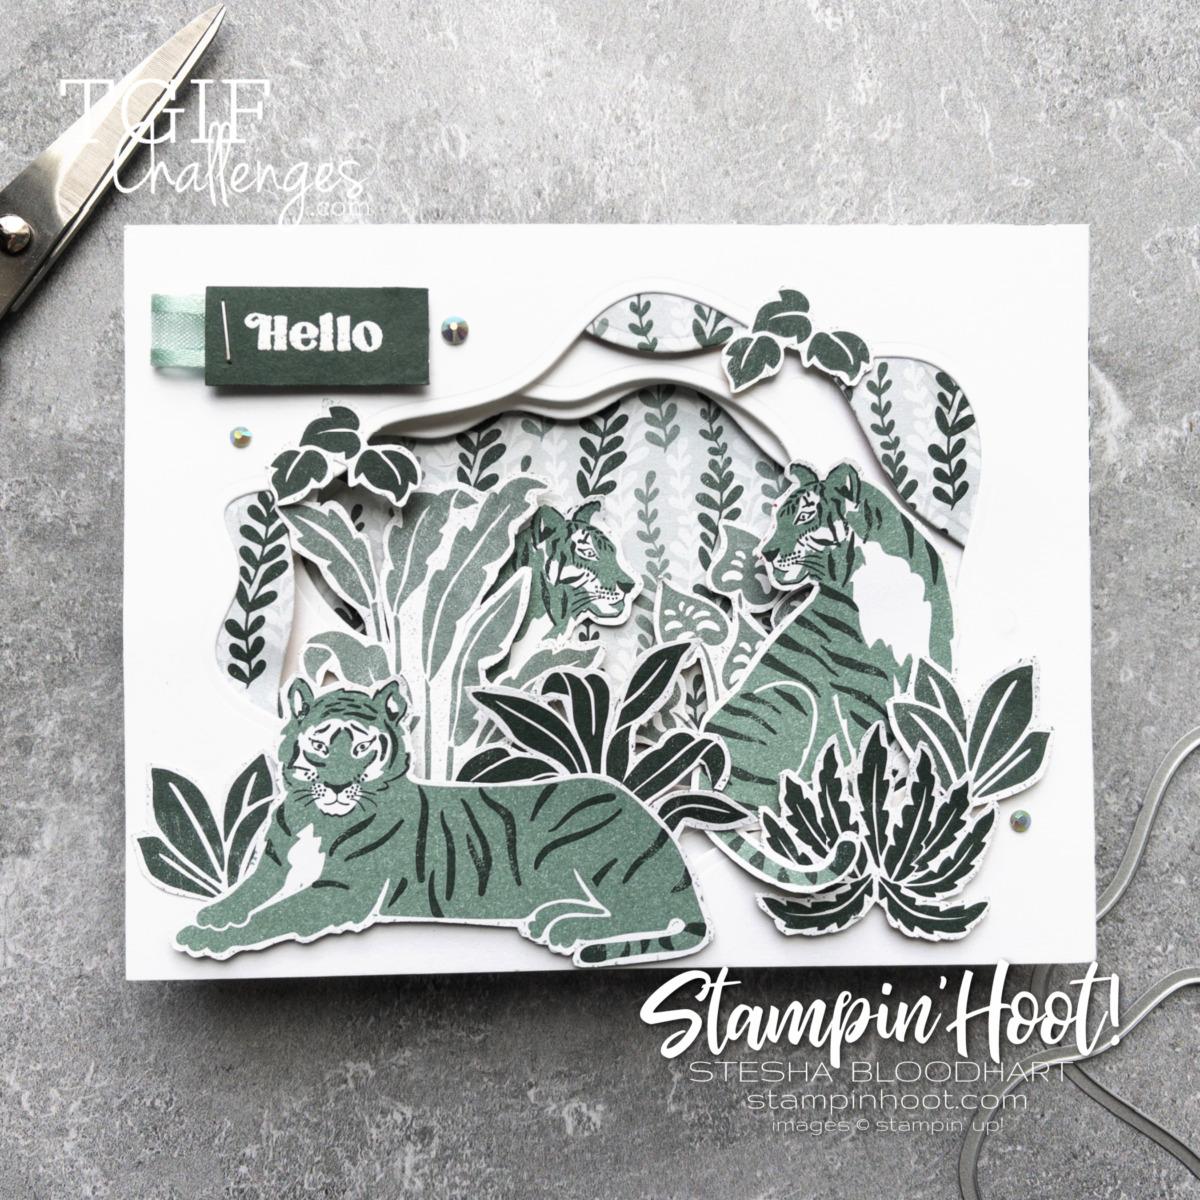 Wild Cats Hello Card Stesha Bloodhart. Stampin' Hoot! (1)